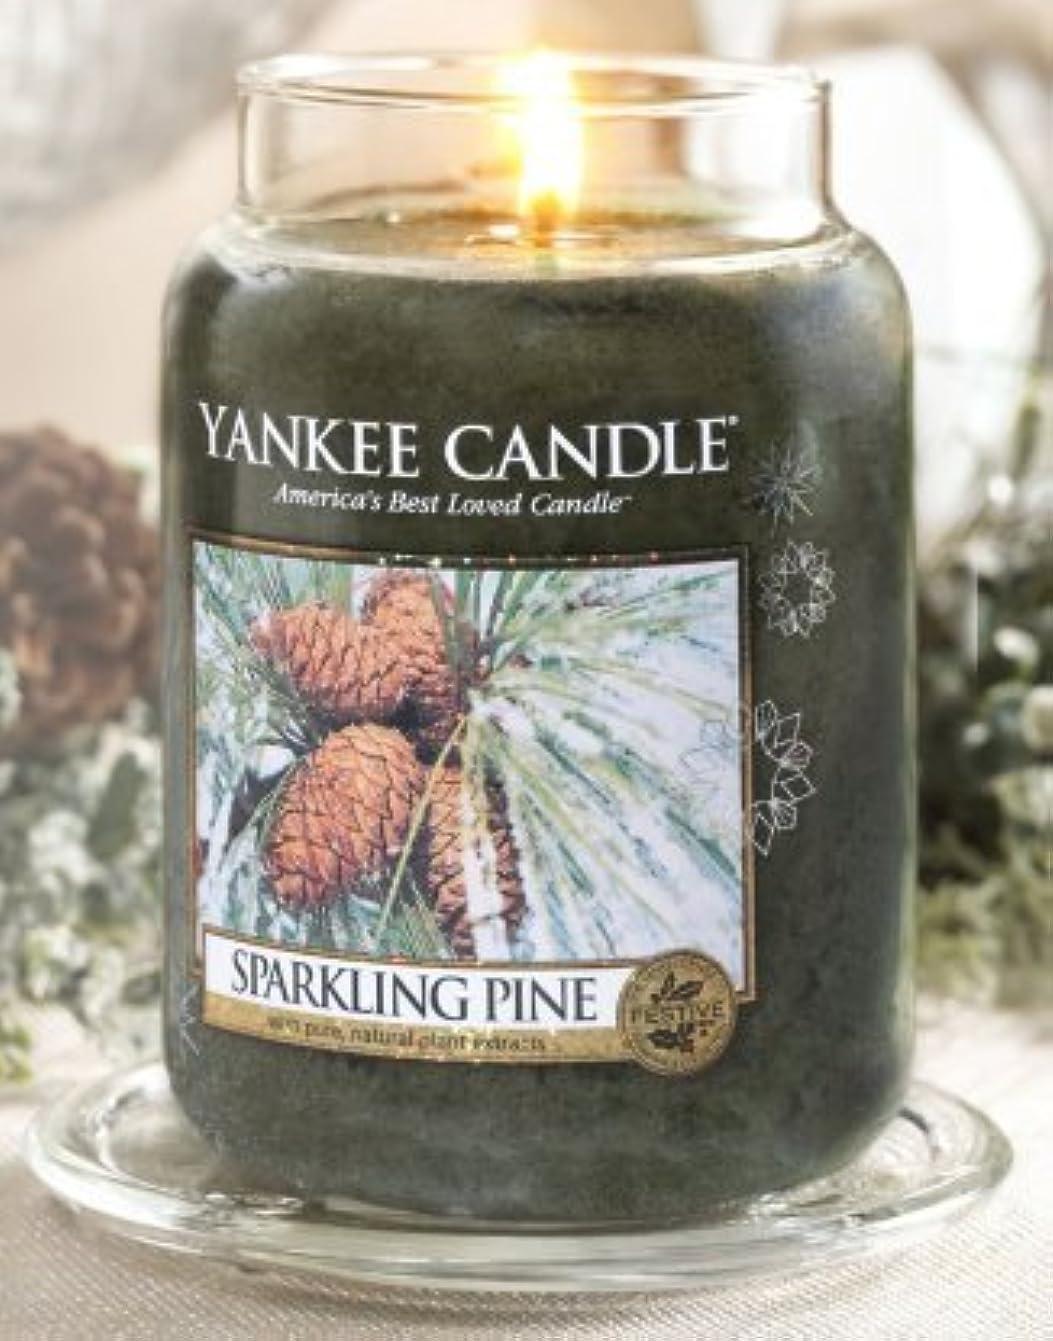 思い出す割り込み謎めいたYankee Candle Sparkling Pine Large Jar Candle